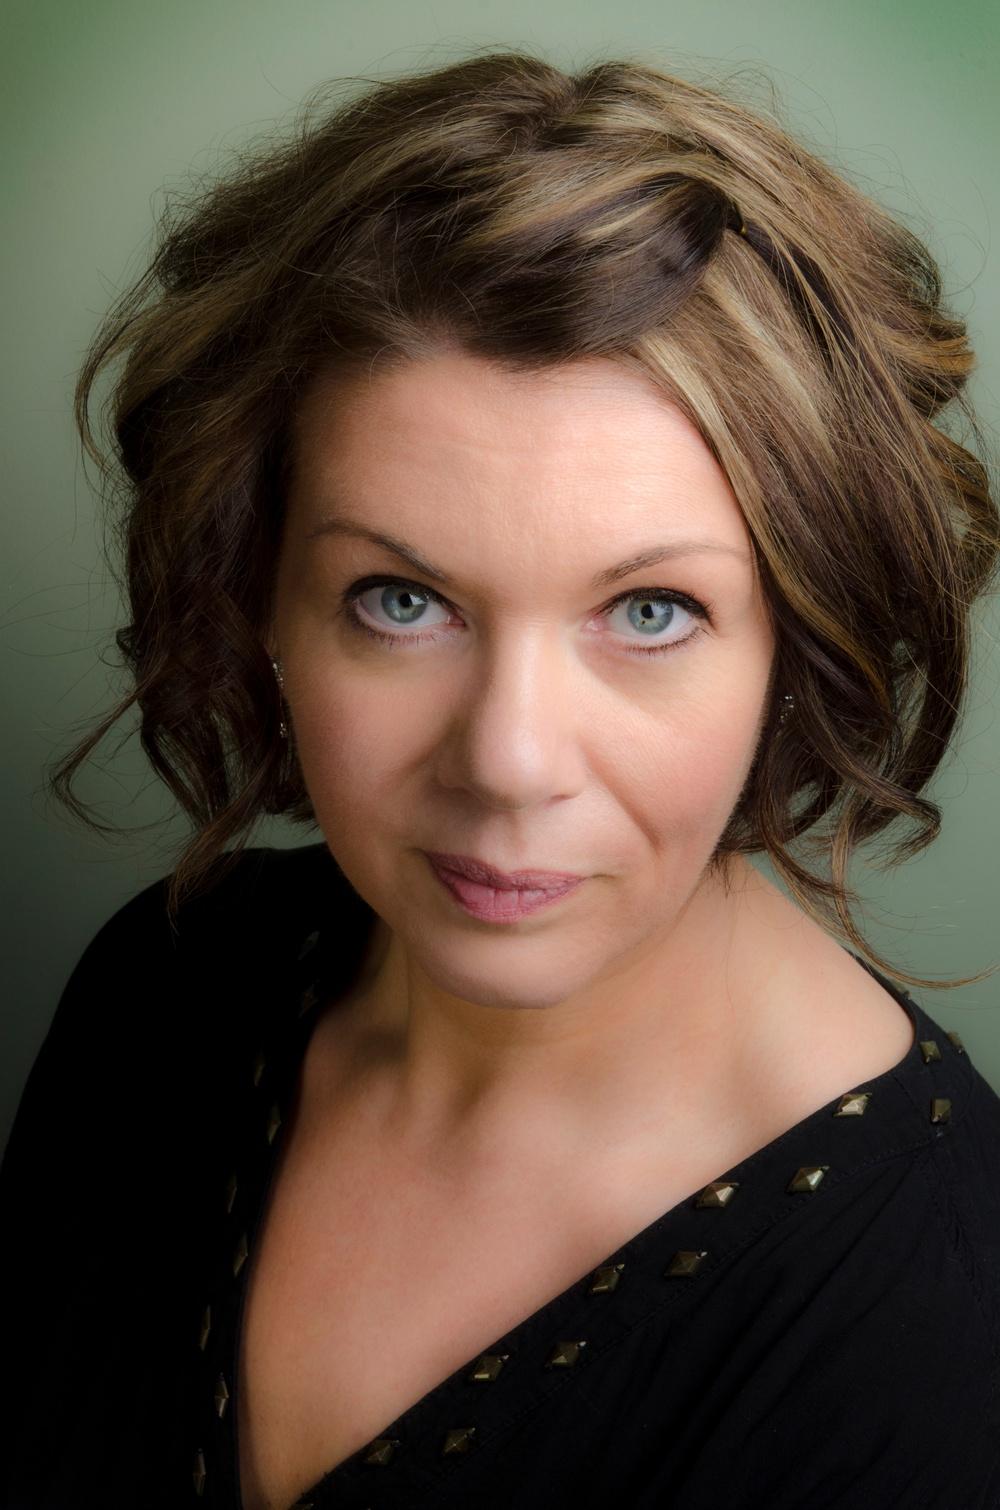 Foto: Johanna Sterner AnnLouice Lögdlund, sopran